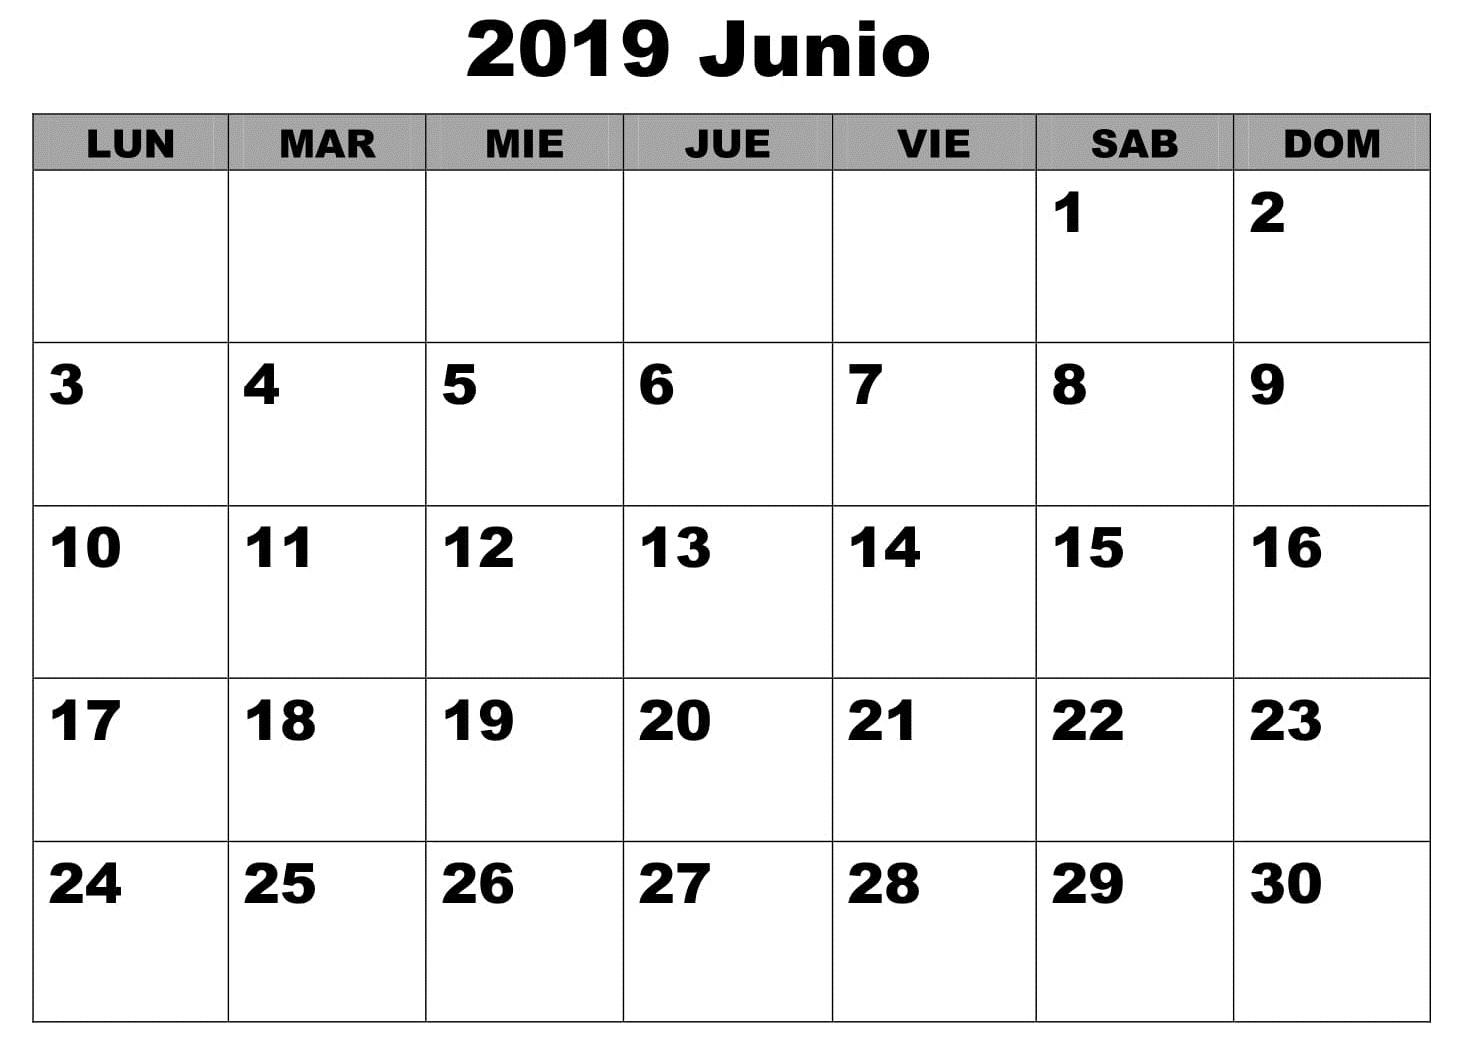 Gratis Calendario Junio 2019 Para Imprimir